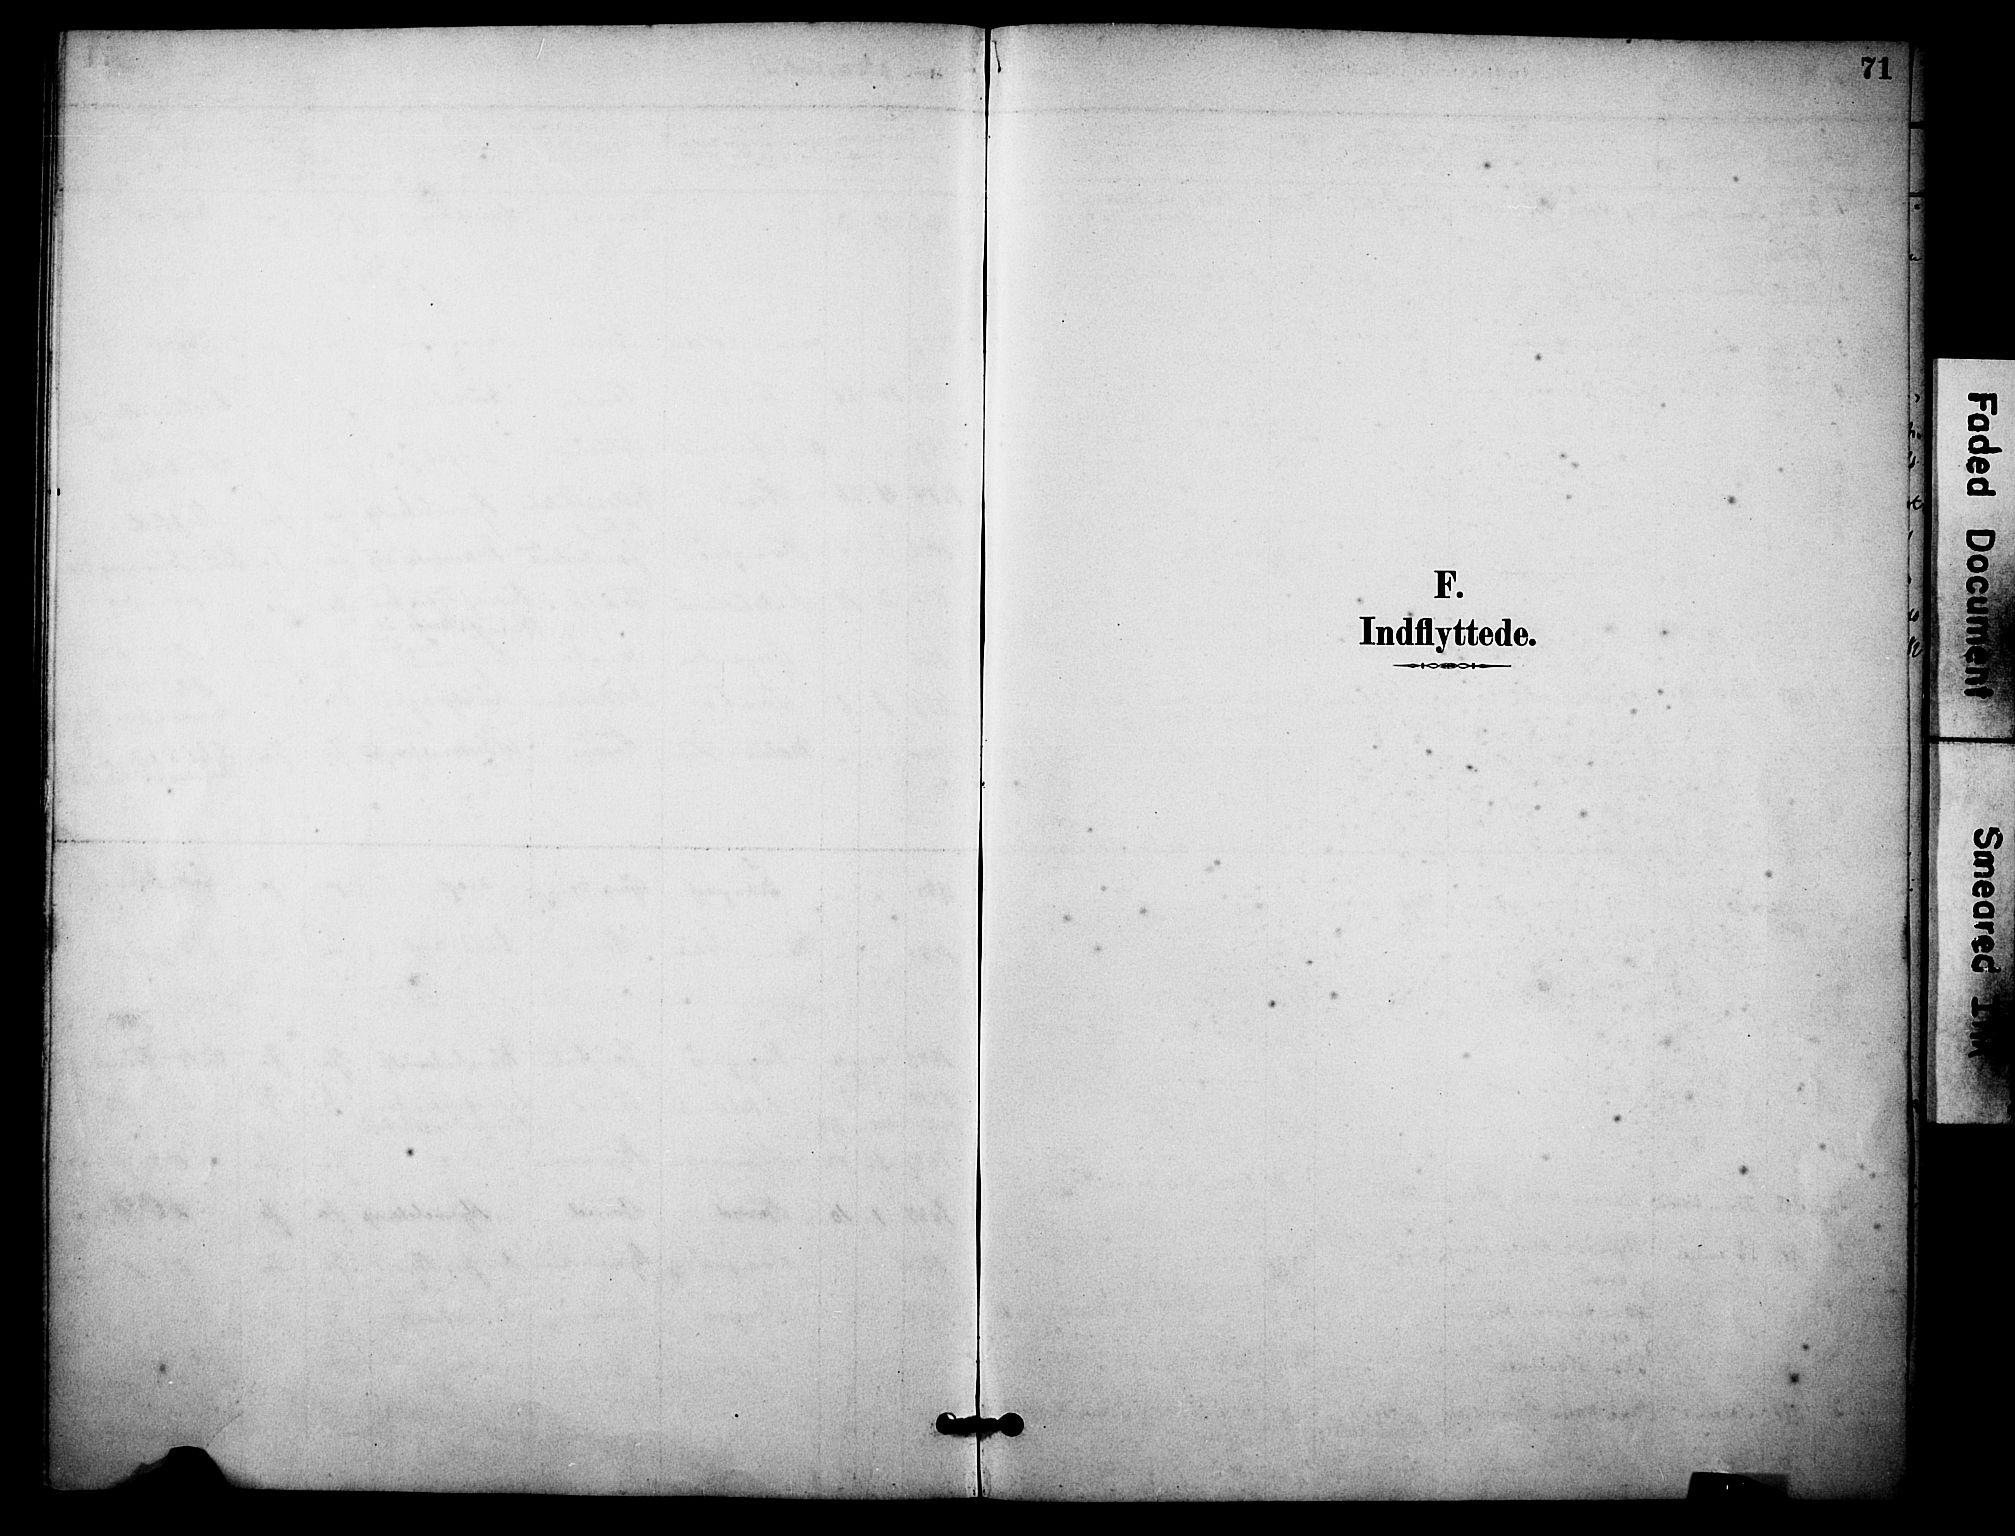 SAKO, Skåtøy kirkebøker, F/Fa/L0004: Ministerialbok nr. I 4, 1884-1900, s. 71